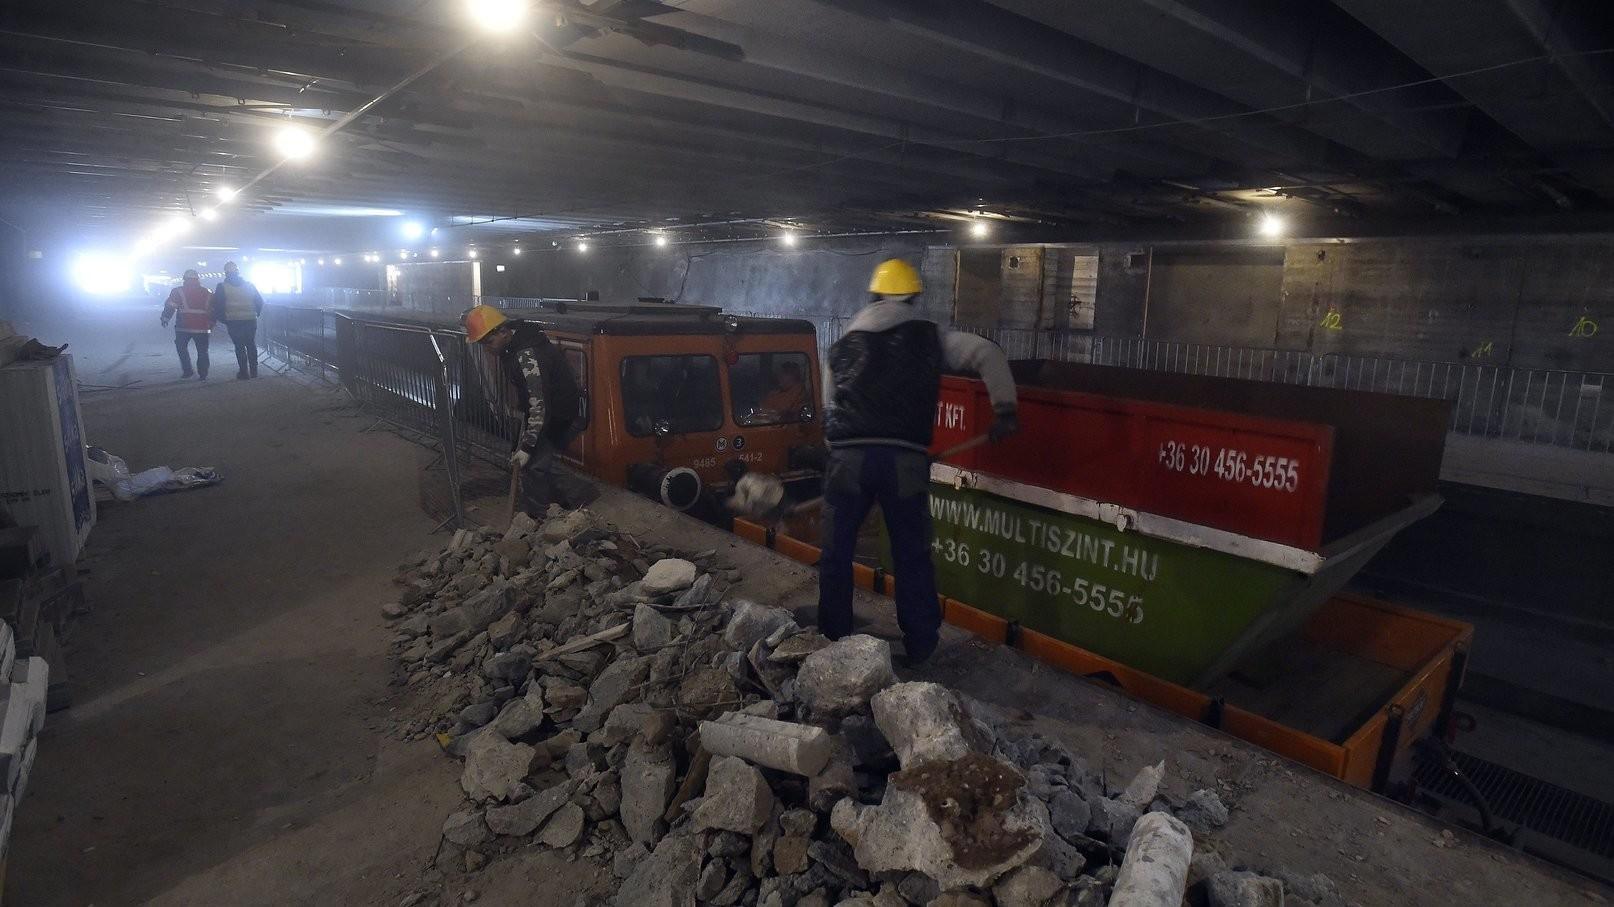 Munkások törmeléket pakolnak egy munkavonatba a 3-as metróvonal Újpest-városkapu megállóhelyen 2018. március 27-én (MTI/Máthé Zoltán)